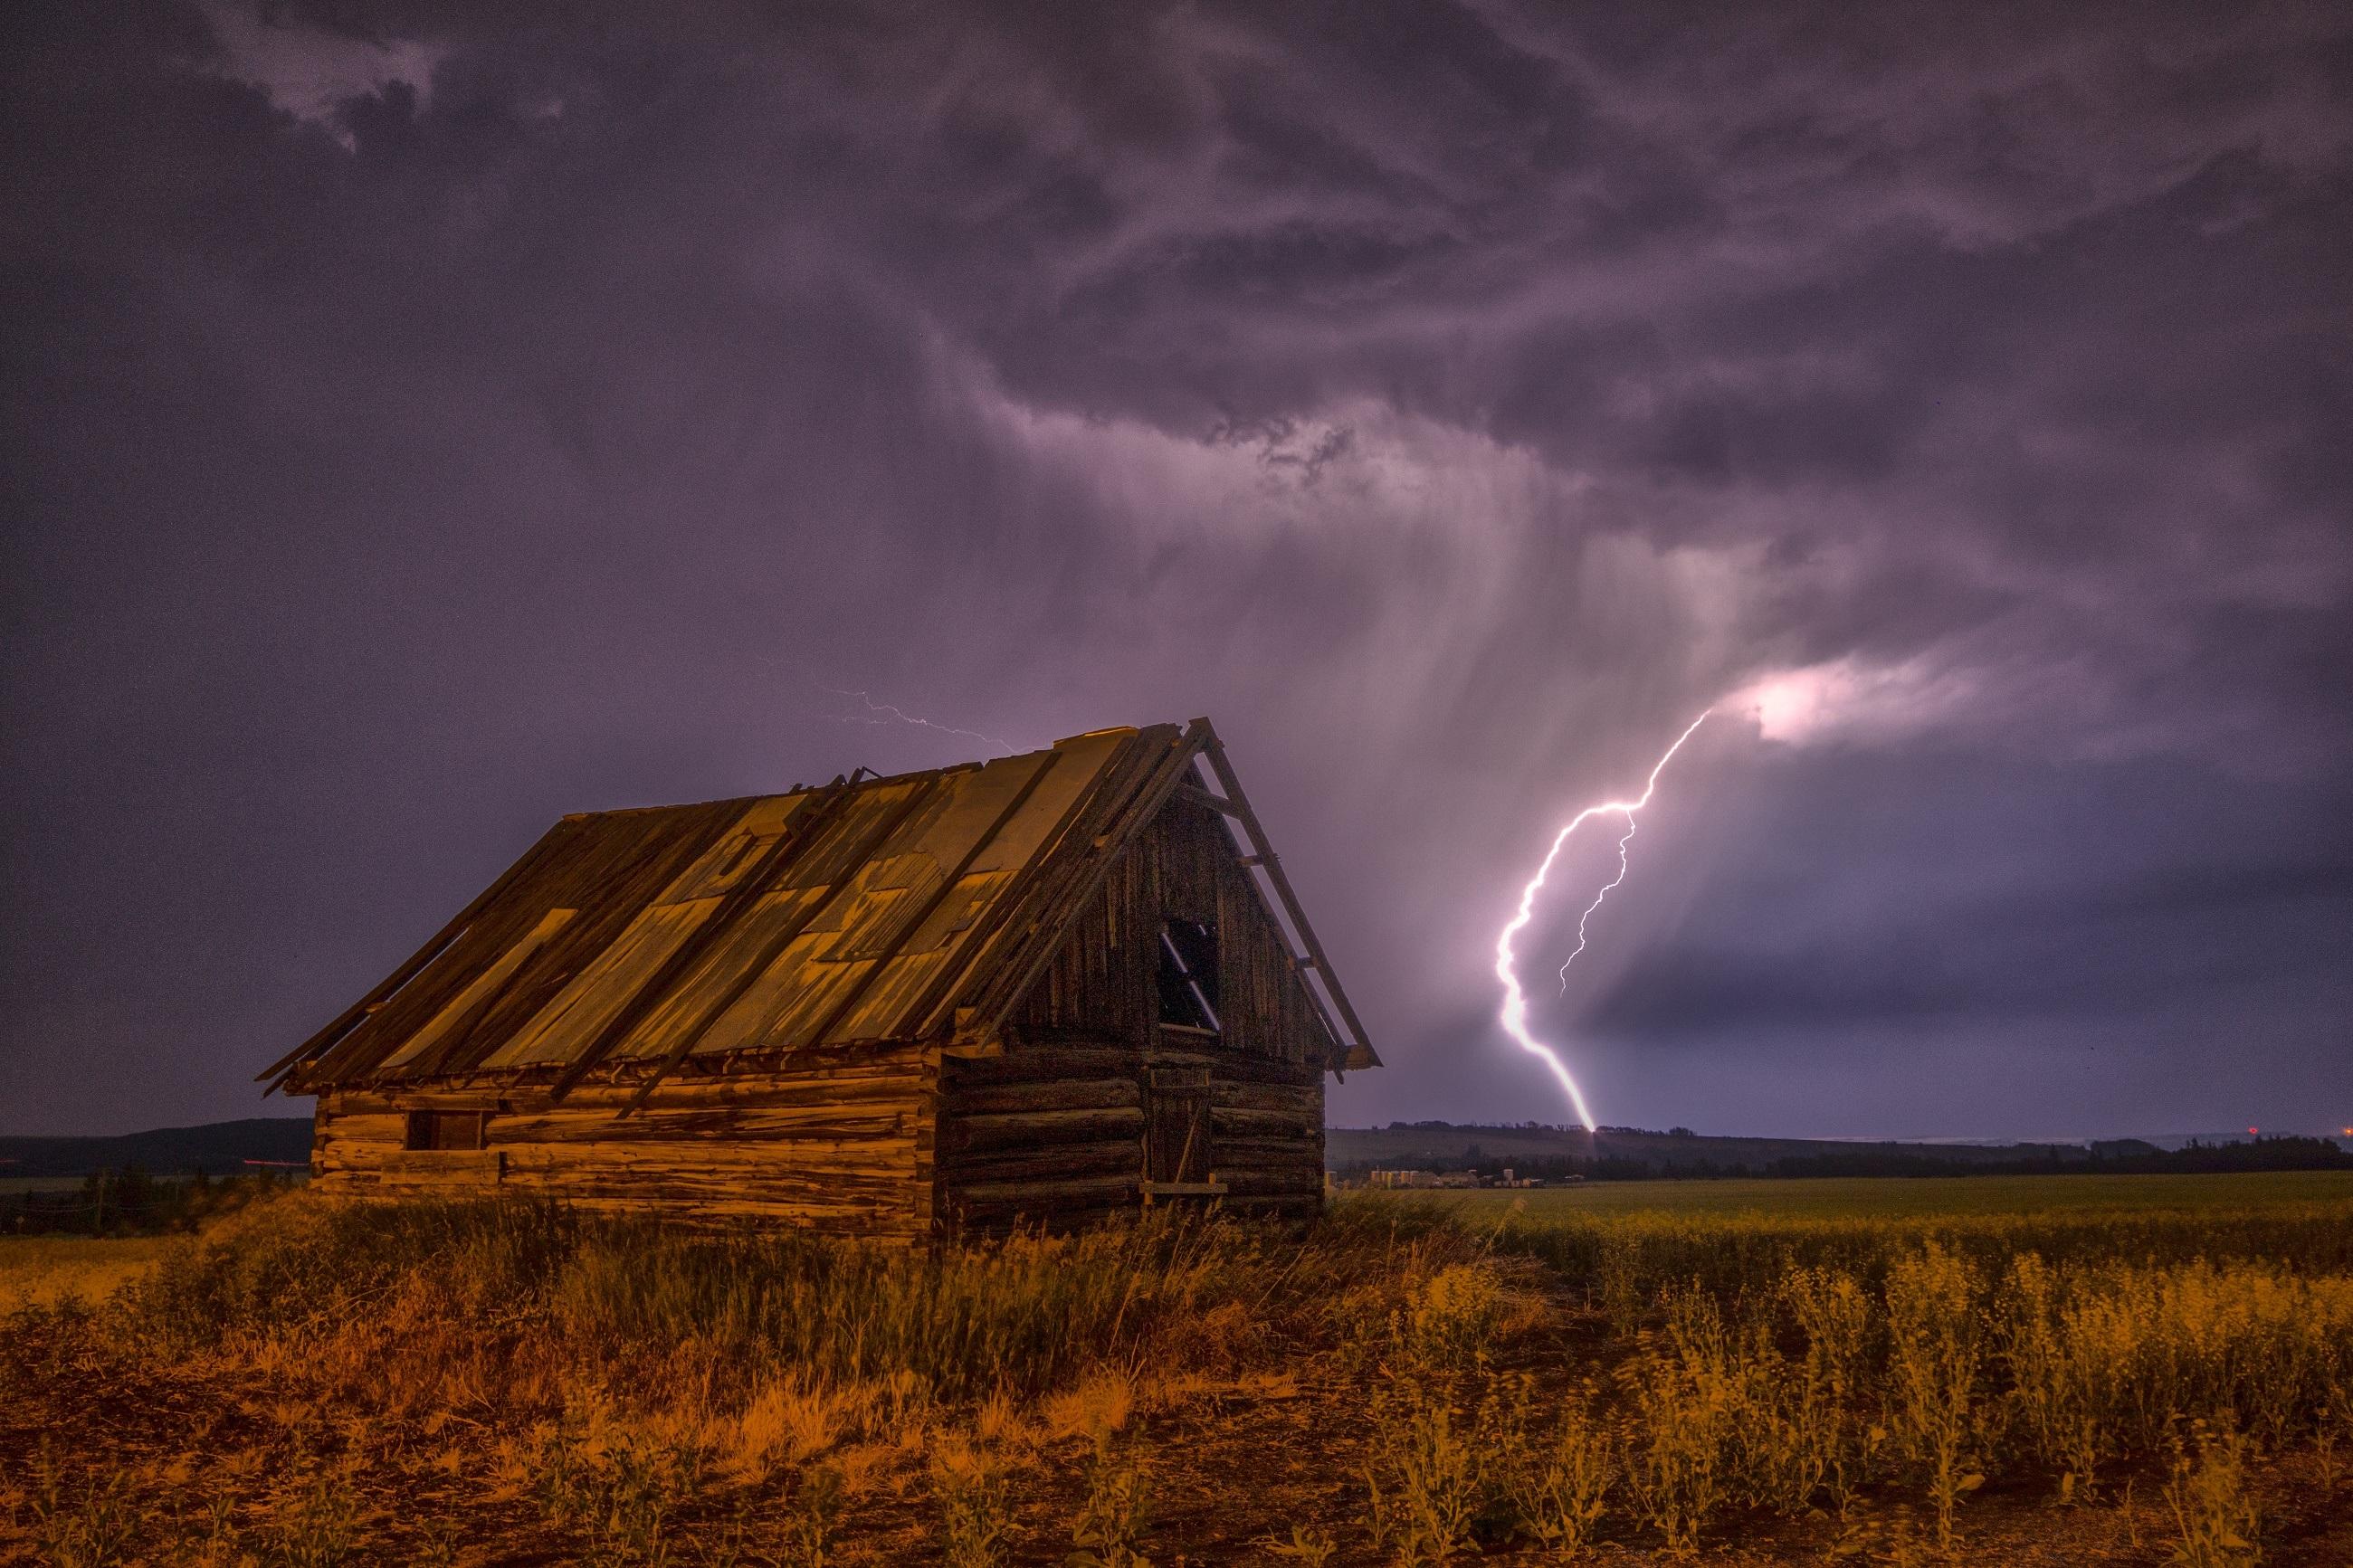 134351 Hintergrundbild herunterladen Natur, Sky, Clouds, Blitz, Scheune, Schuppen - Bildschirmschoner und Bilder kostenlos